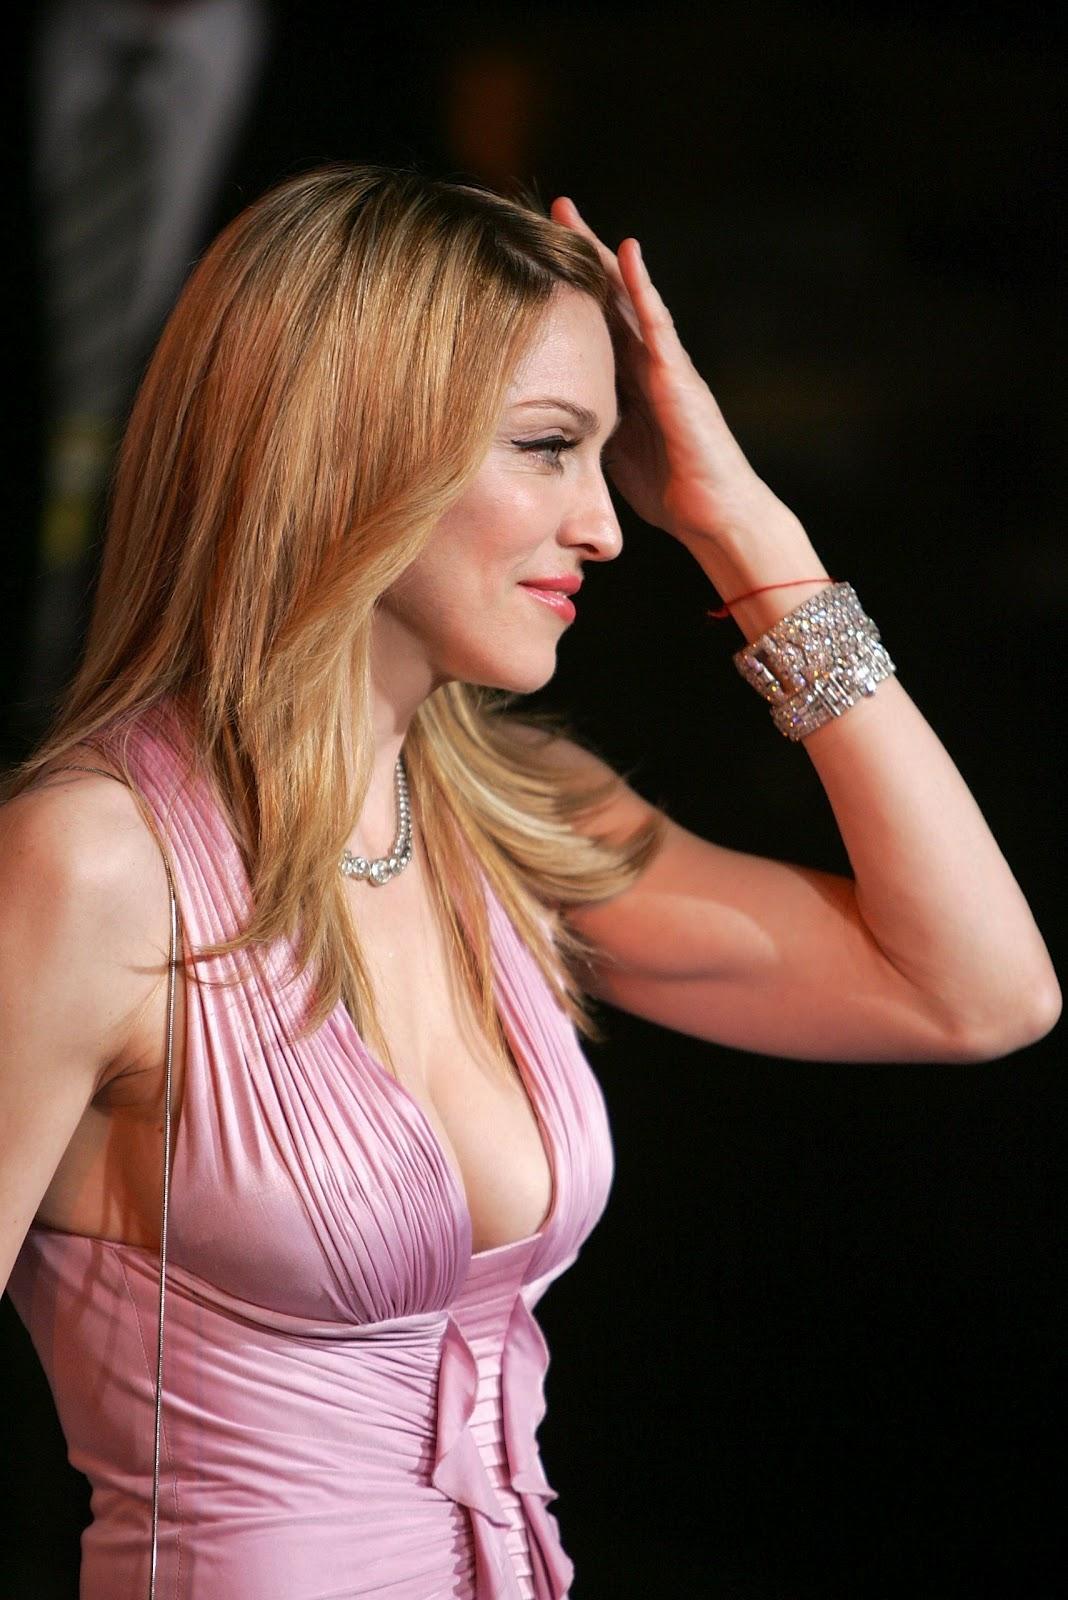 http://3.bp.blogspot.com/-4YPp3iv9U8M/T9RkSIOBQ4I/AAAAAAAADgA/lrkt8GDaJPE/s1600/Madonna-hot-picture-world+music+(11).jpg